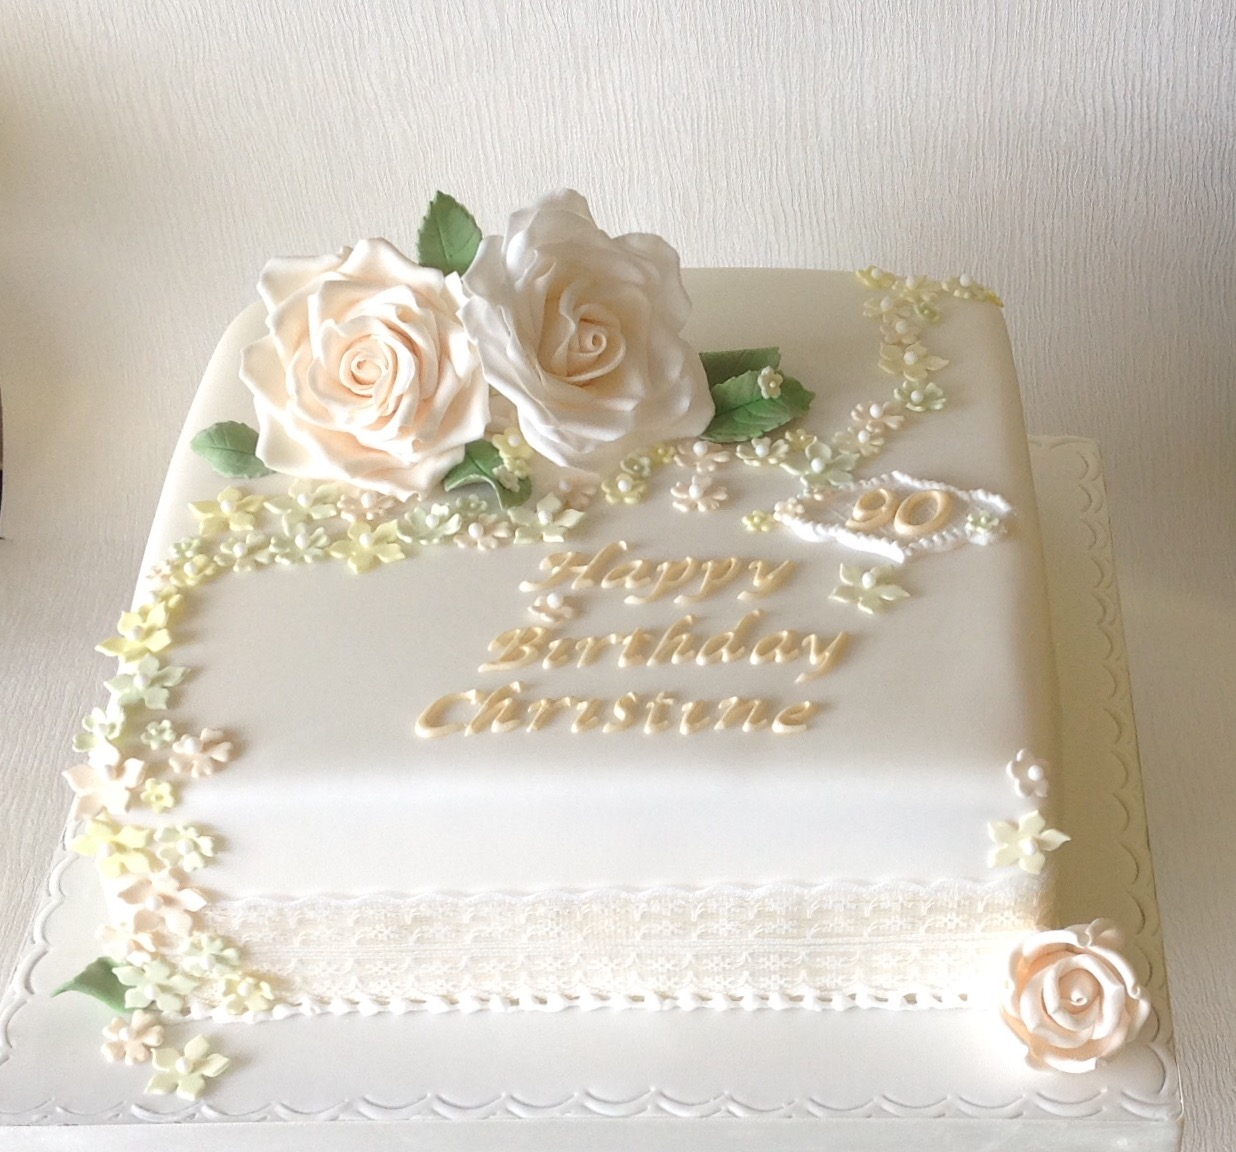 Elegant Birthday Cake Pics Naturallycurlye Com